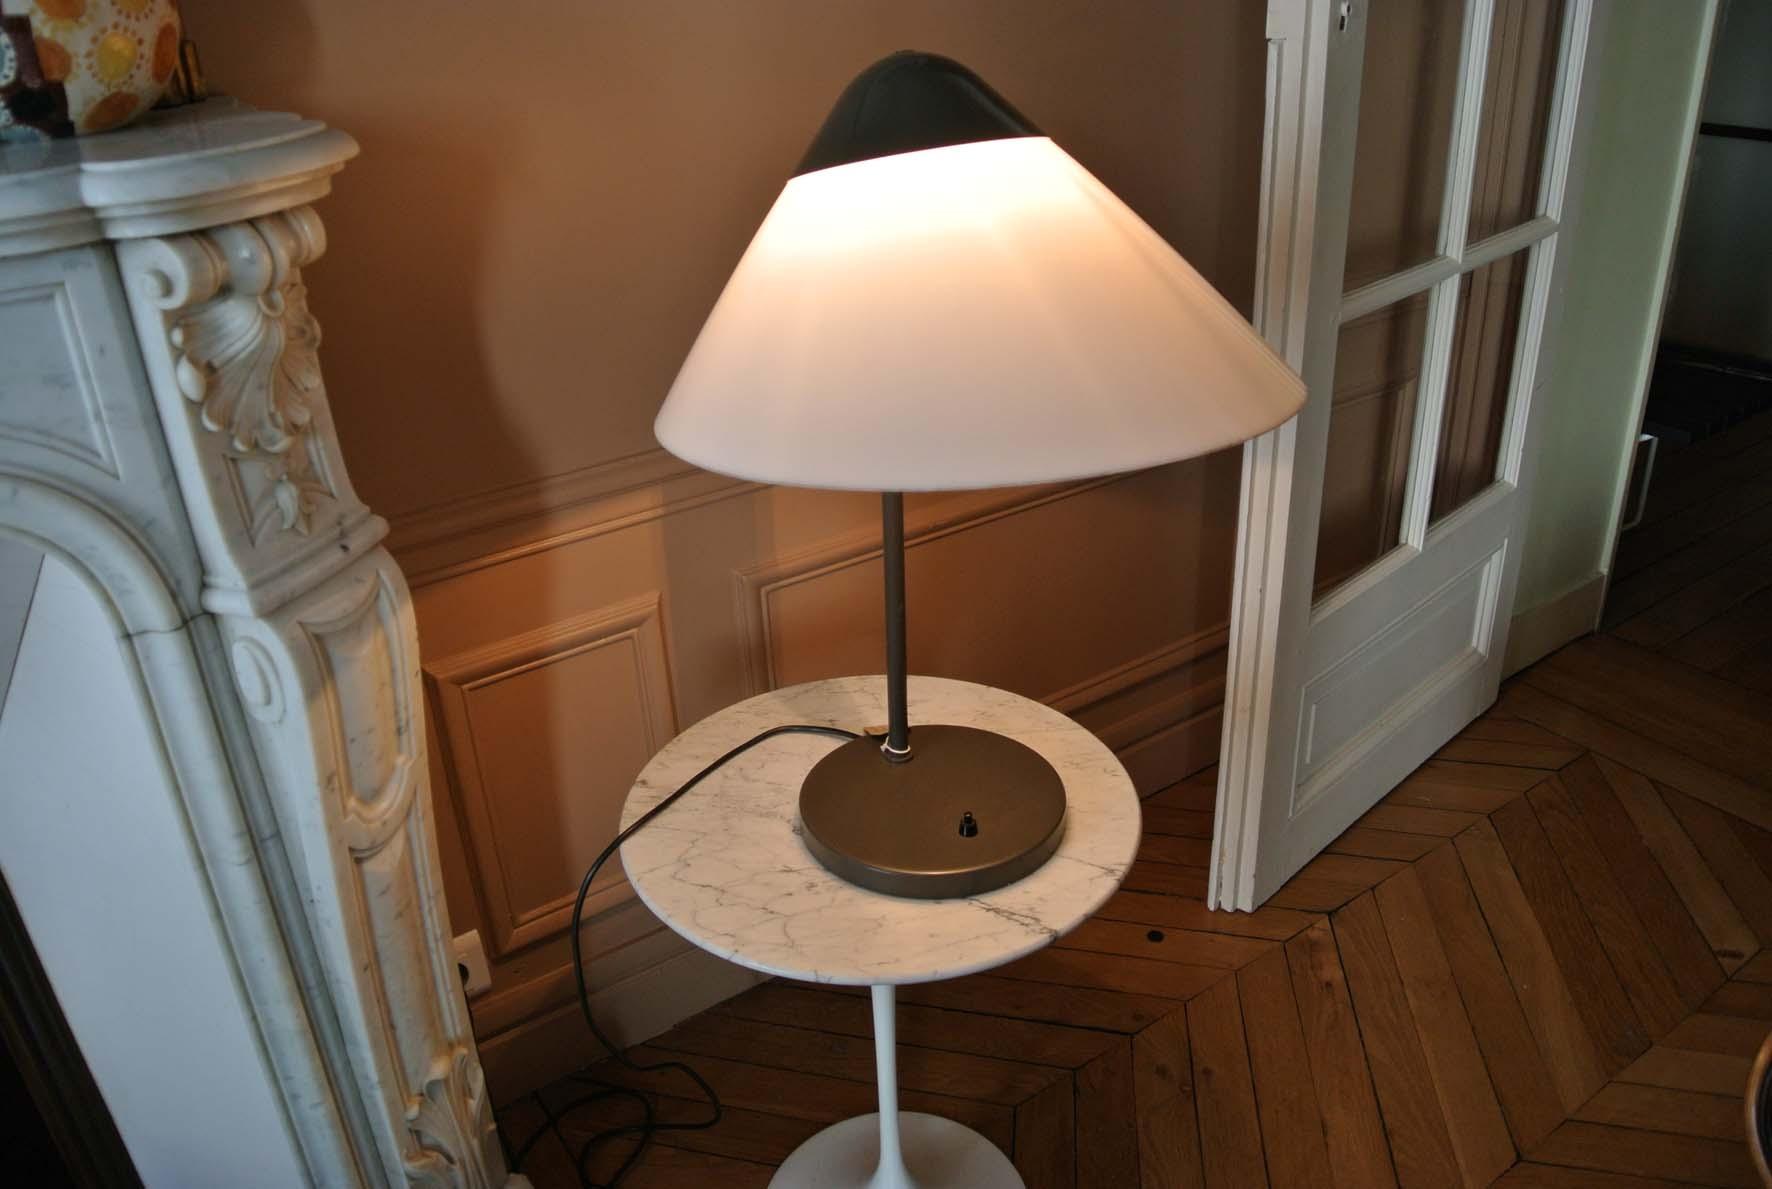 Frisk Lampe de Hans J. Wegner Opala 1970 - L'Atelier 50 - Boutique GH-54